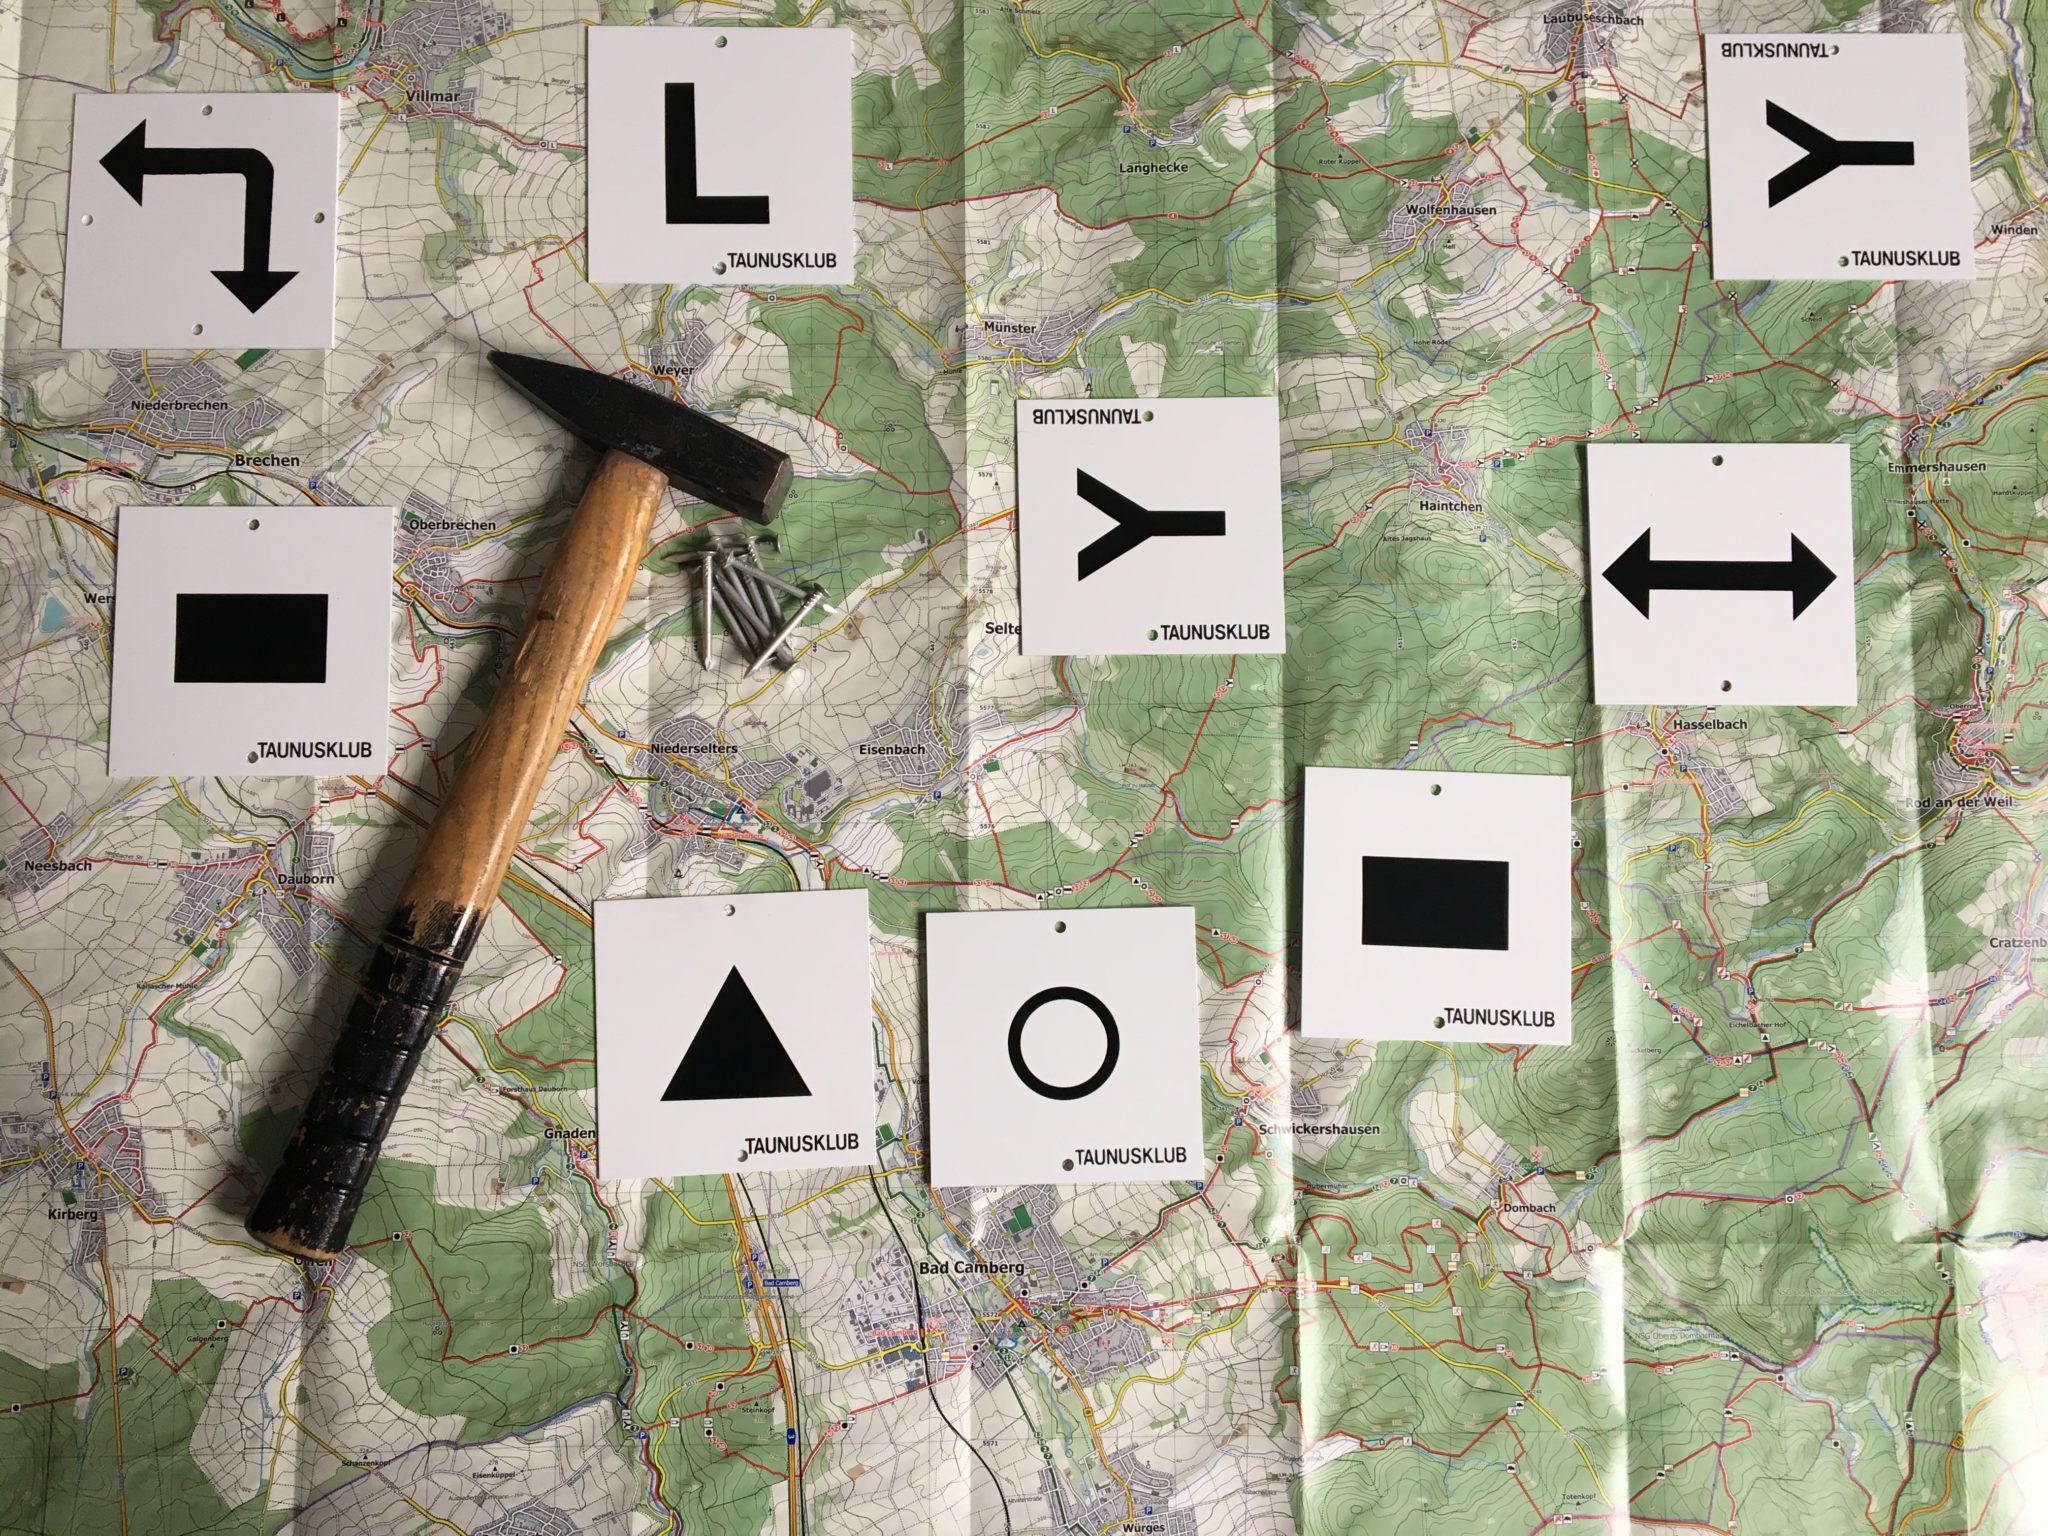 Unsere Wege und Schilder auf der richtigen Karte